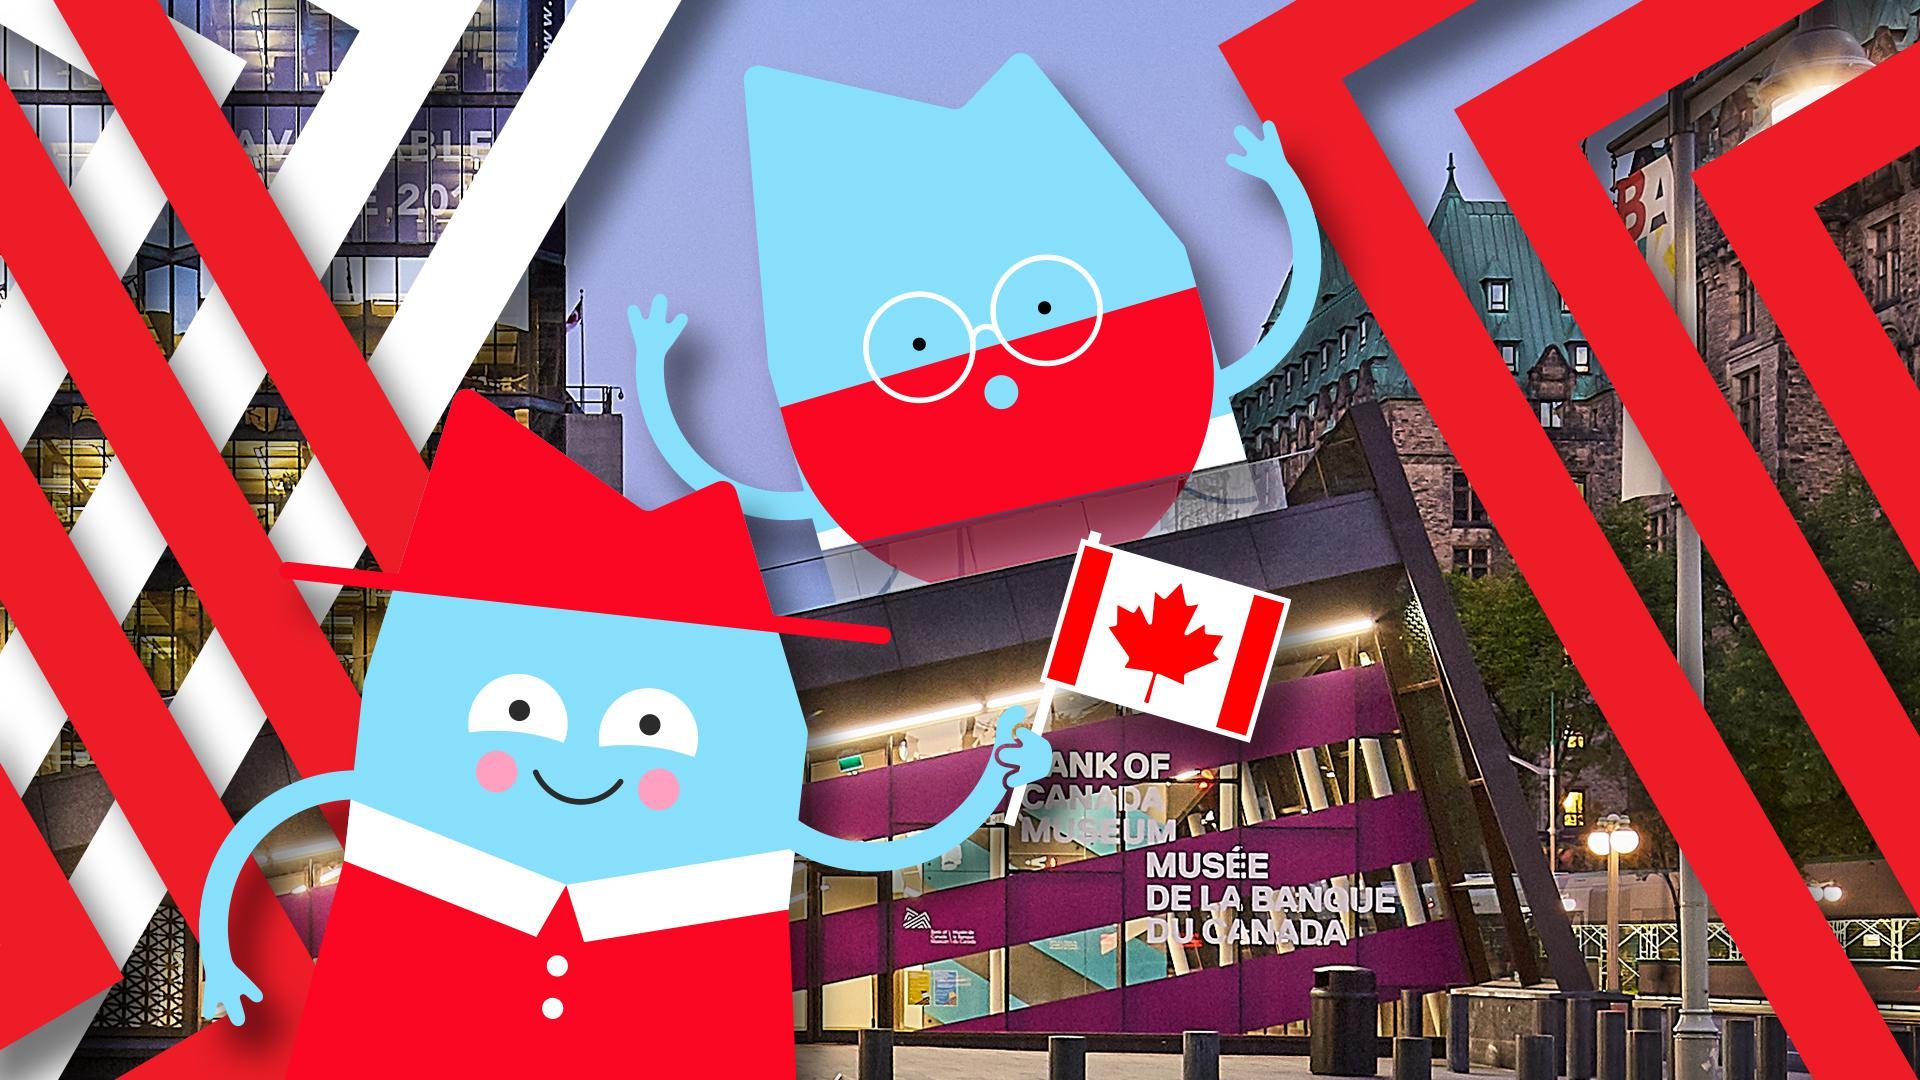 La fête du Canada au Musée